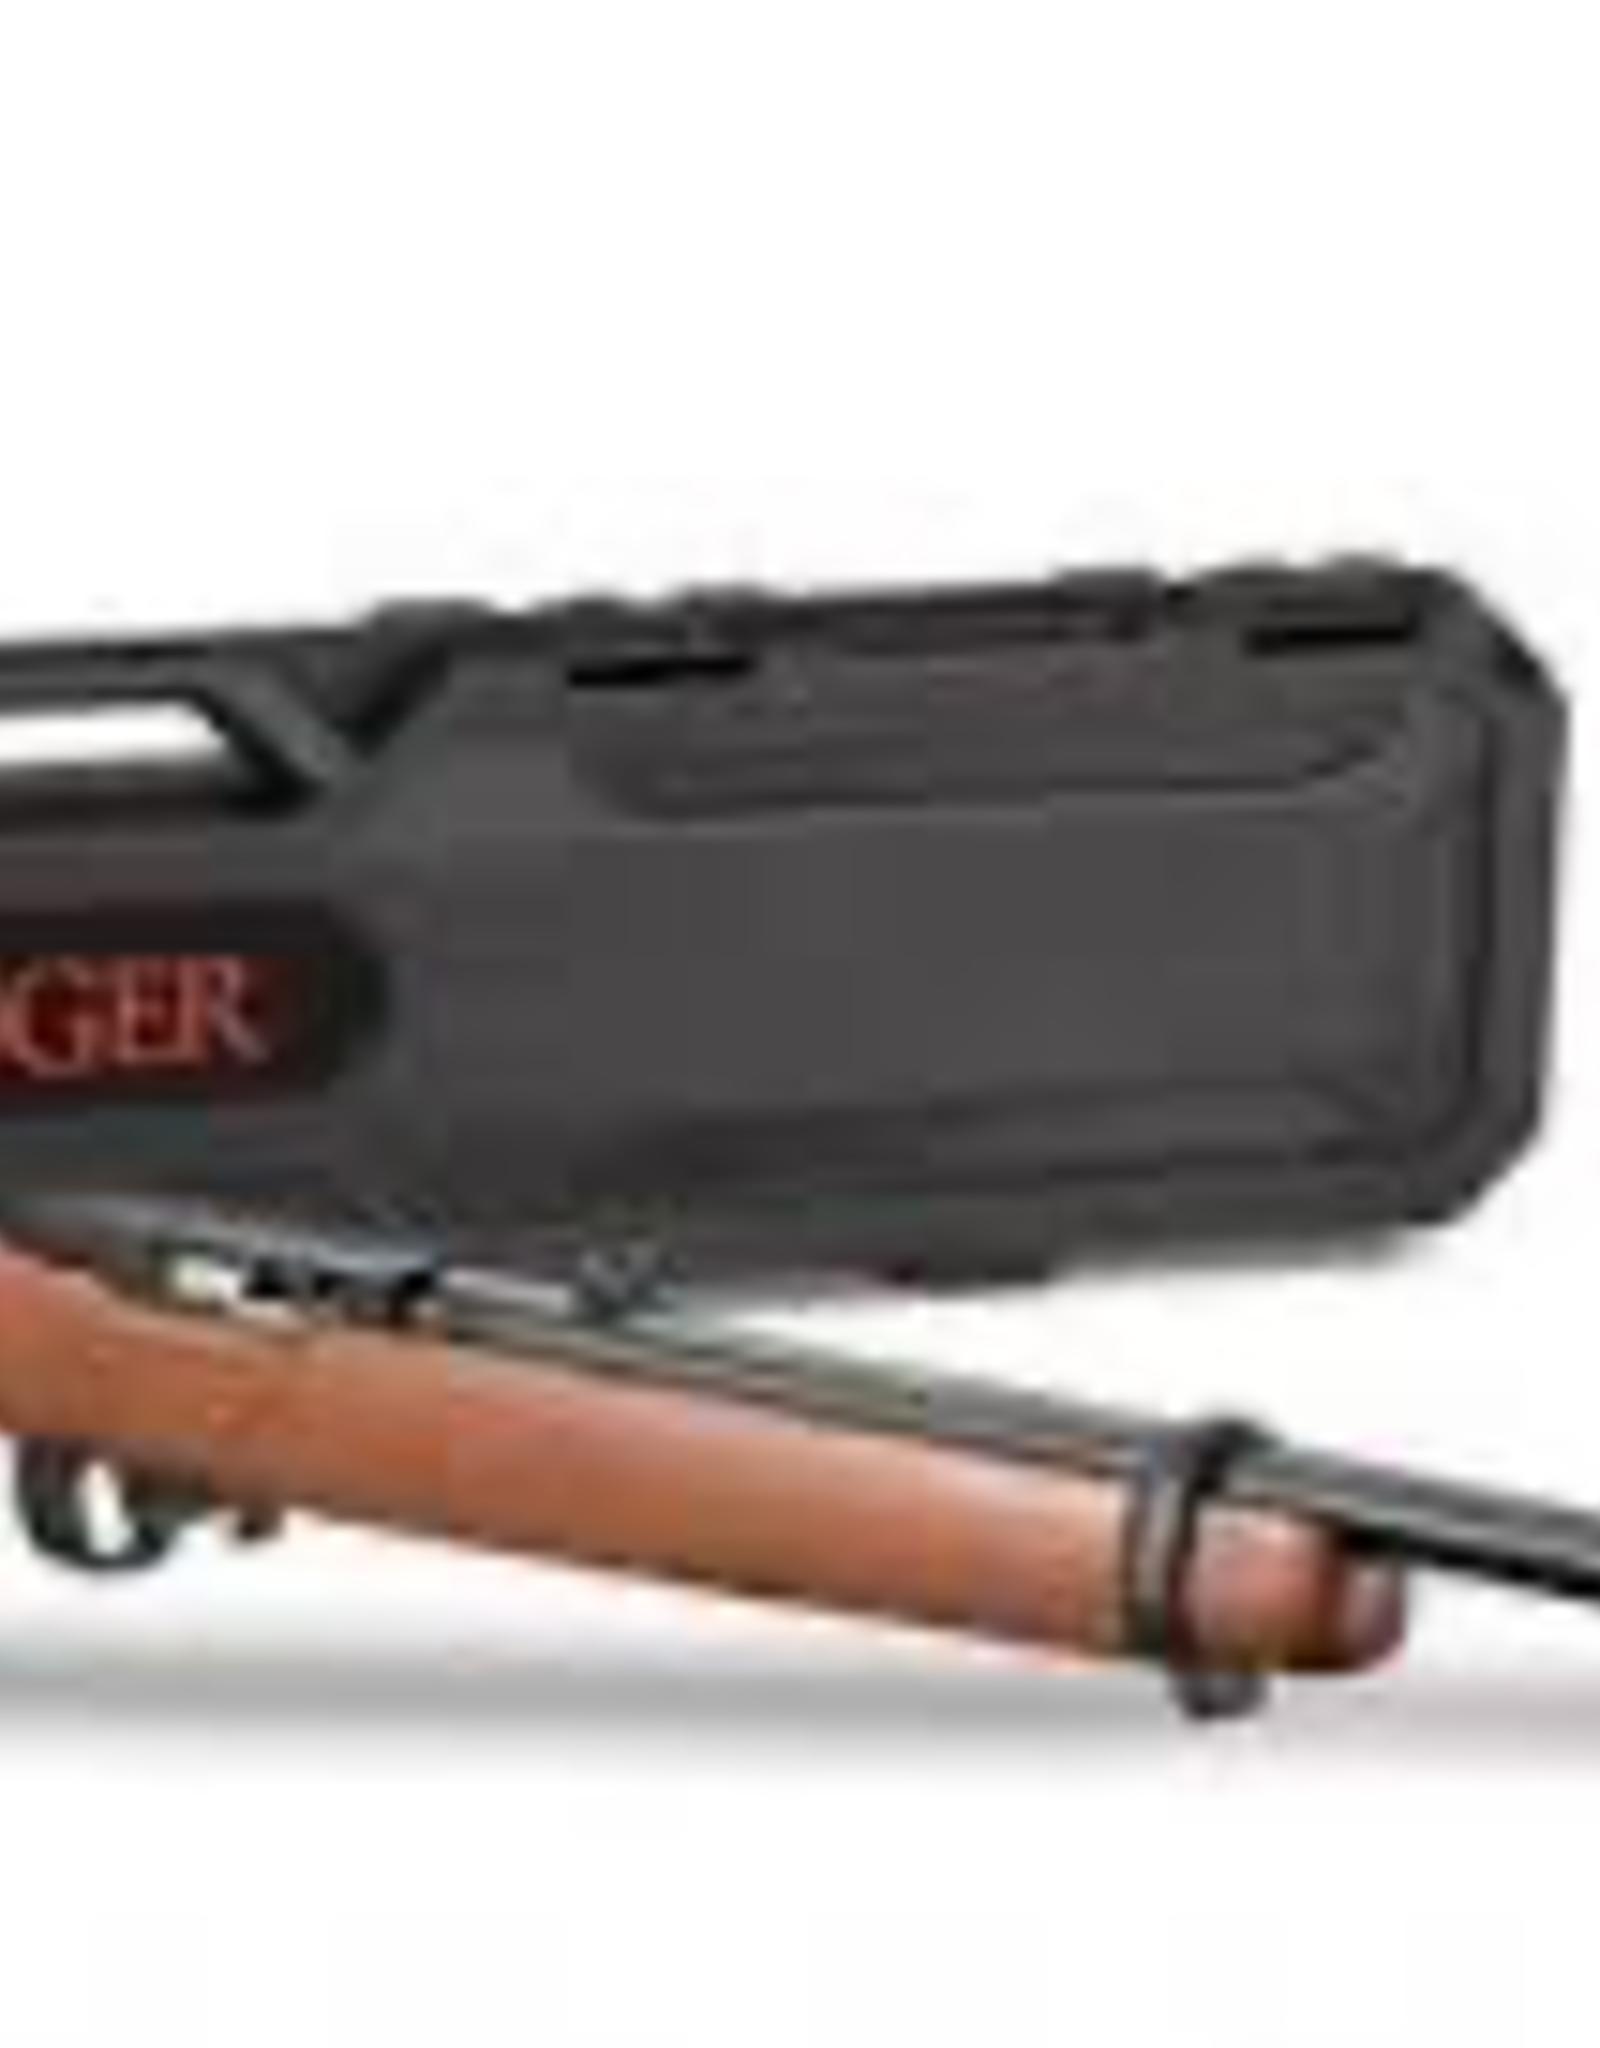 Ruger 10/22 22 LR W/Case, Target